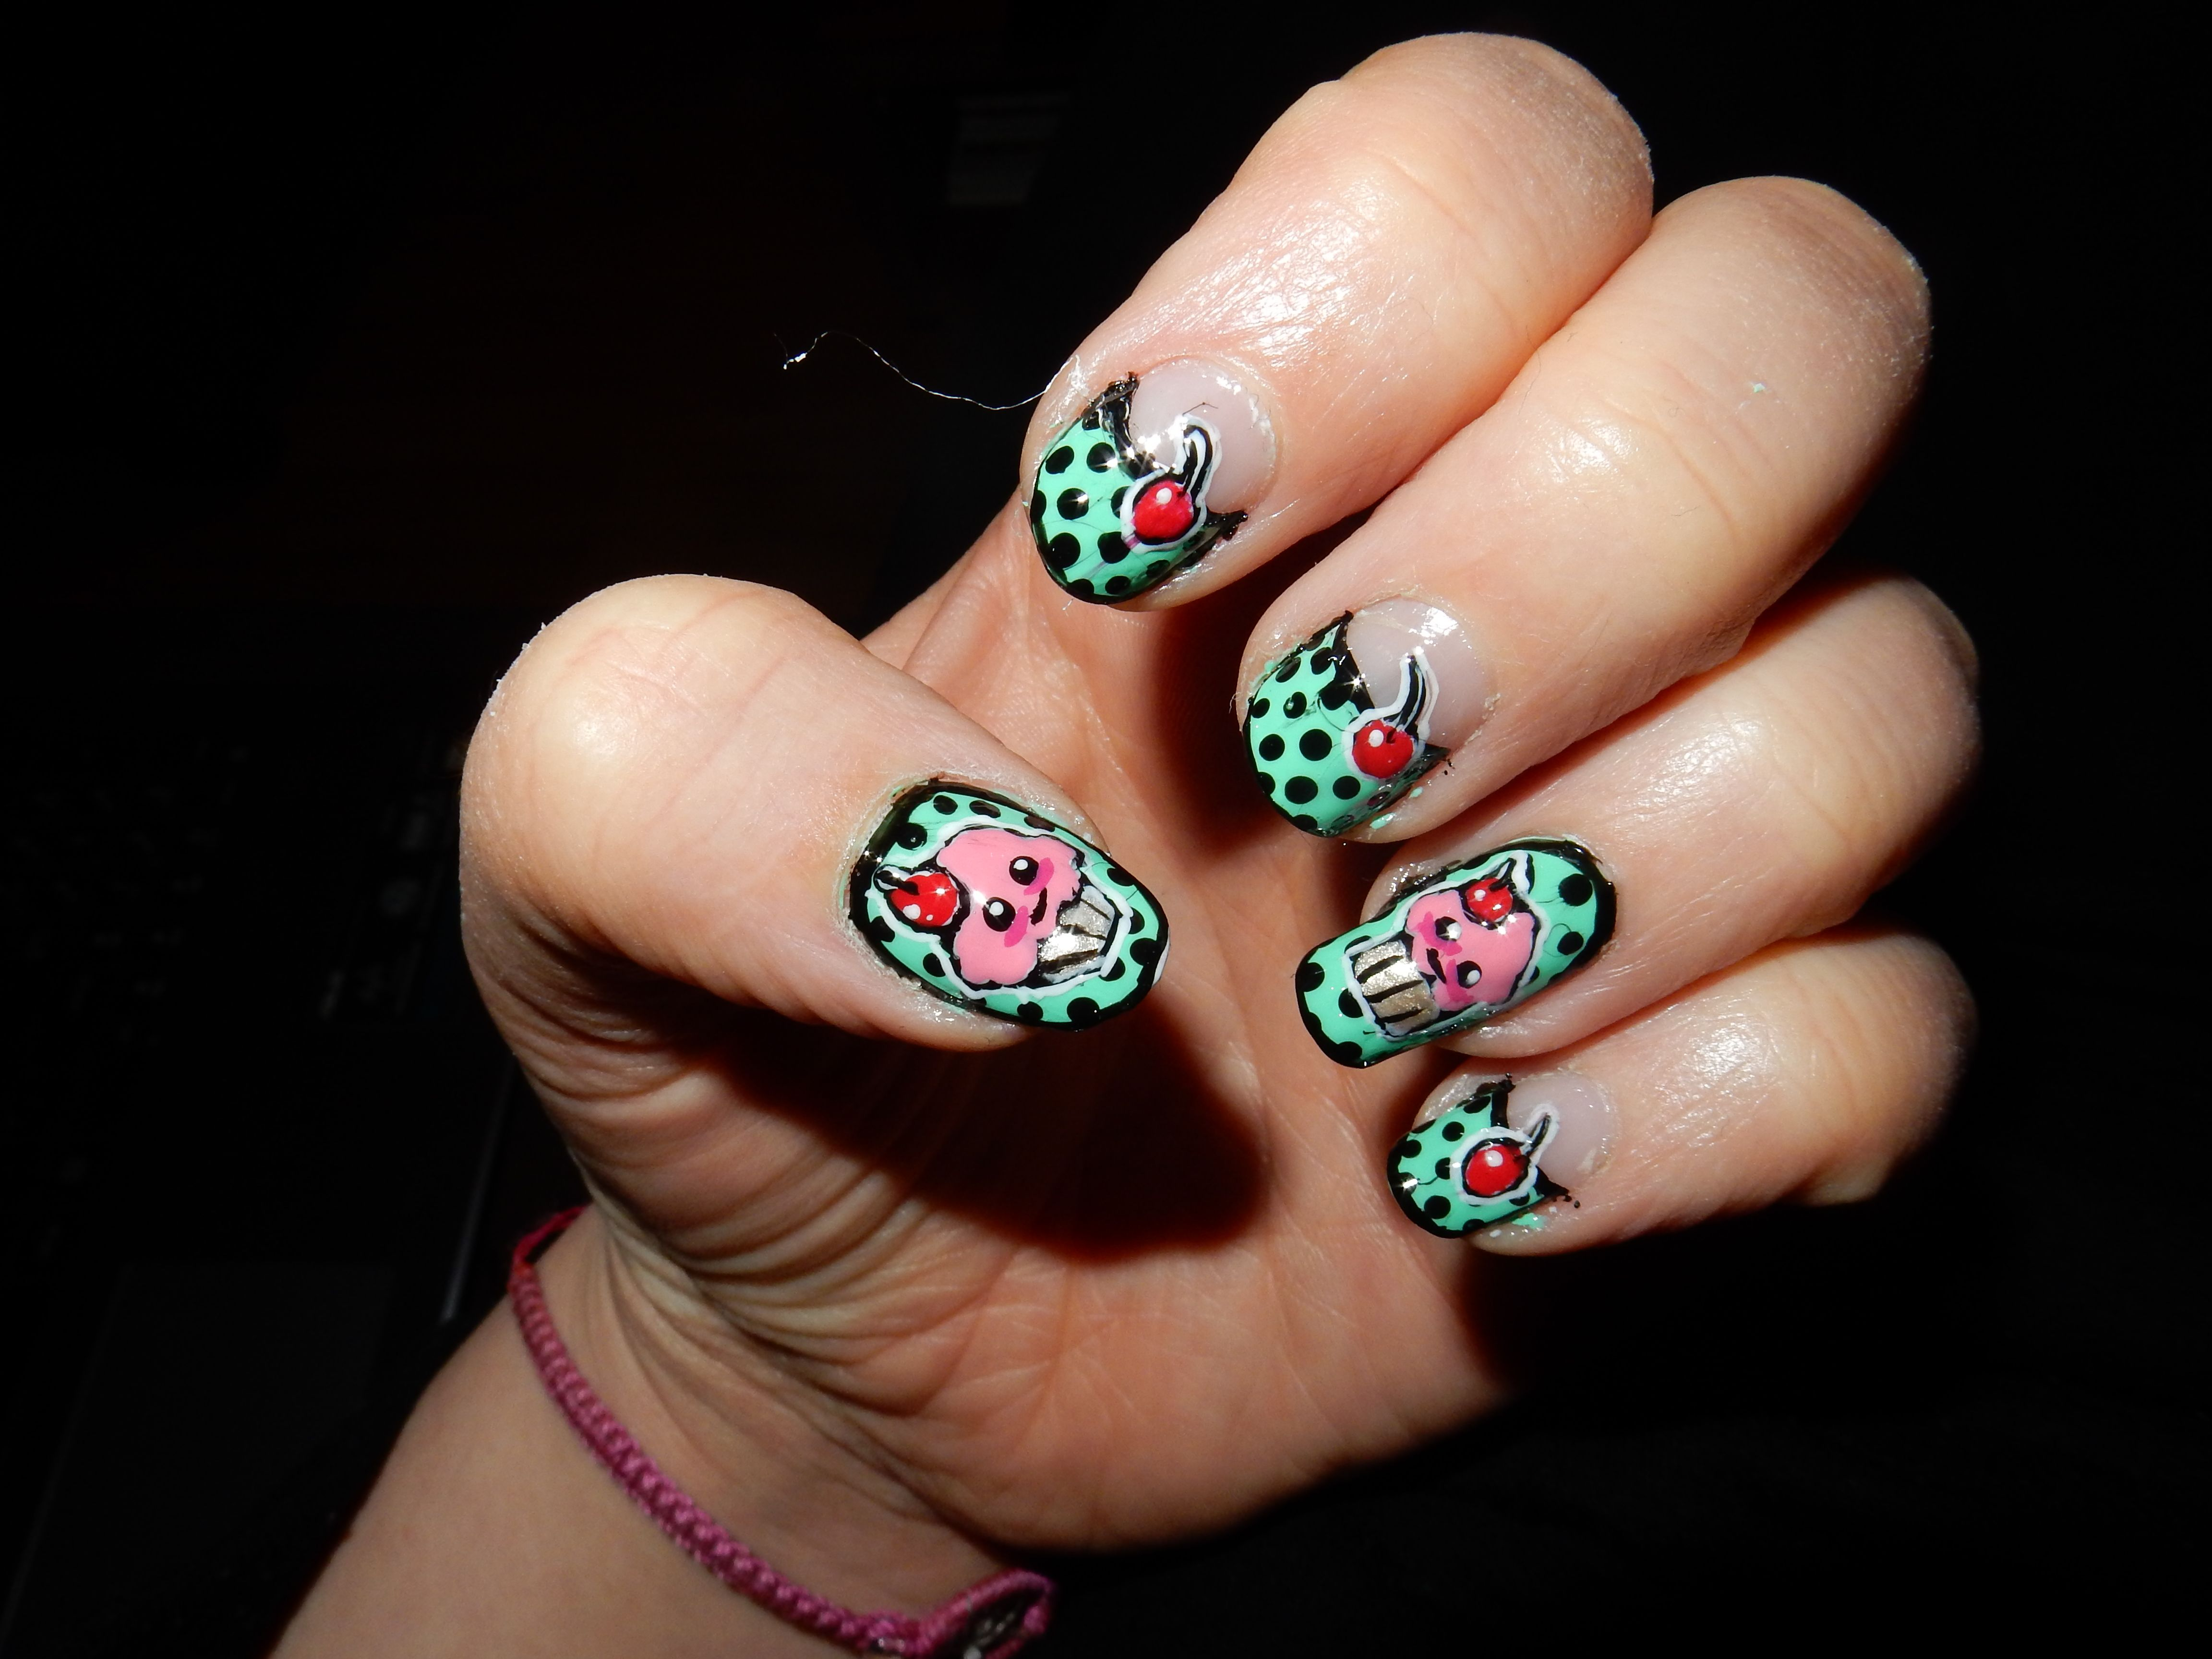 cupcake vintage nail art | Vintage nails, Vintage nail art ...